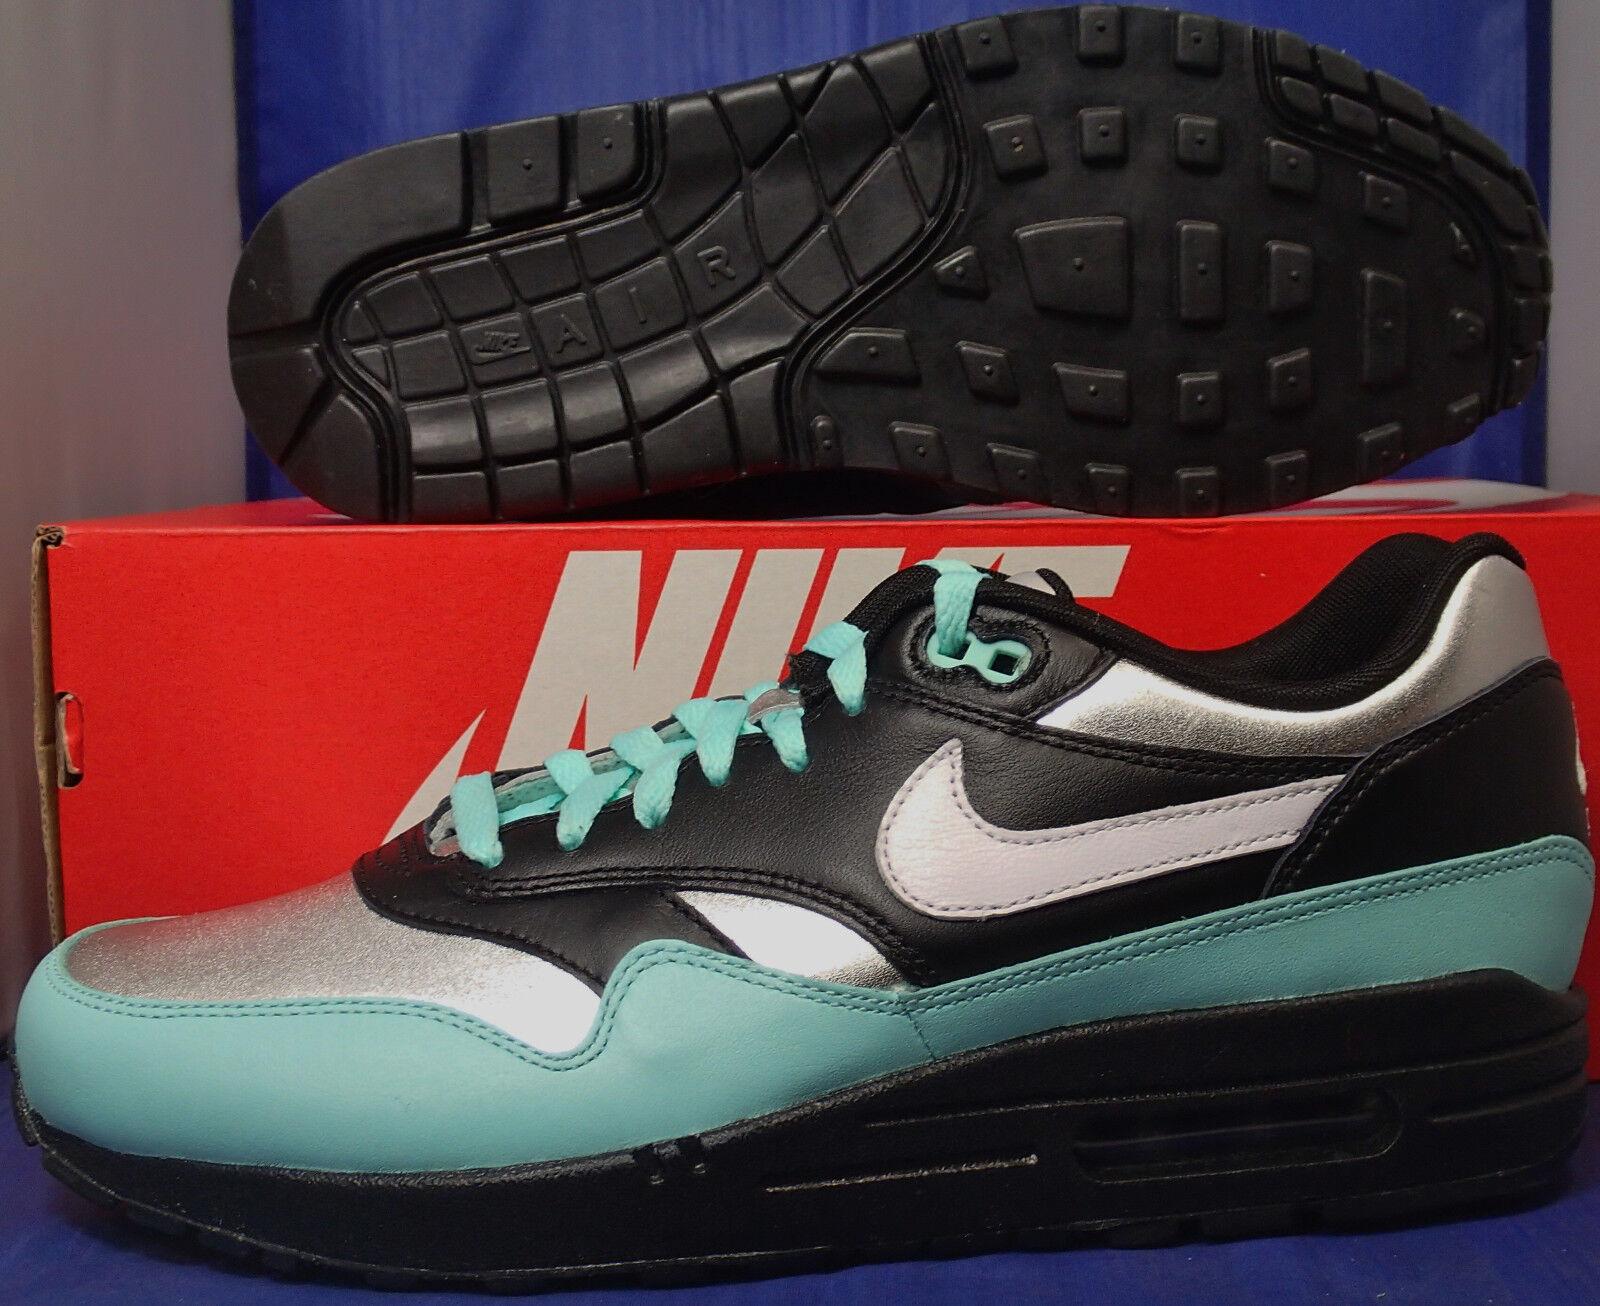 Nike Nike Nike Air Max 1 Diamond Supply Nero Identità Taglie 8.5 Donna Misura 10 | Diversified Nella Confezione  | Uomini/Donna Scarpa  f17296